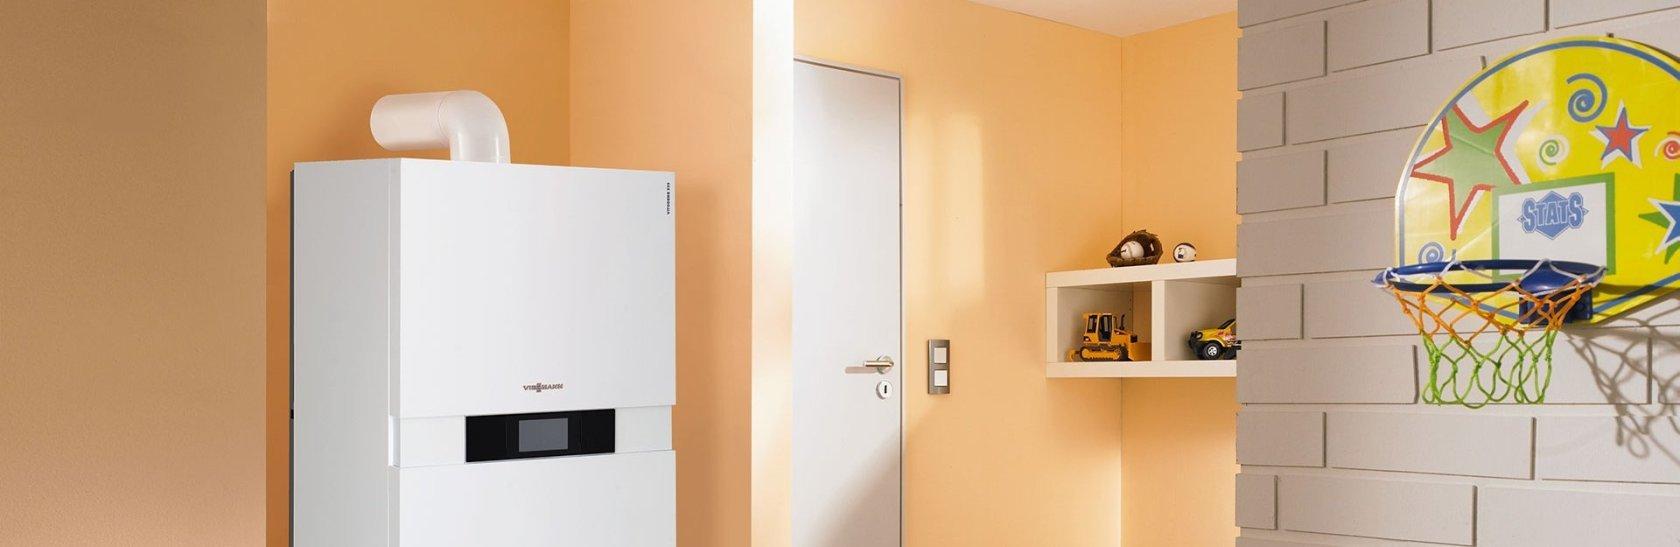 Heizung-Sanitär-Installateur-Ölheizung-Viessmann